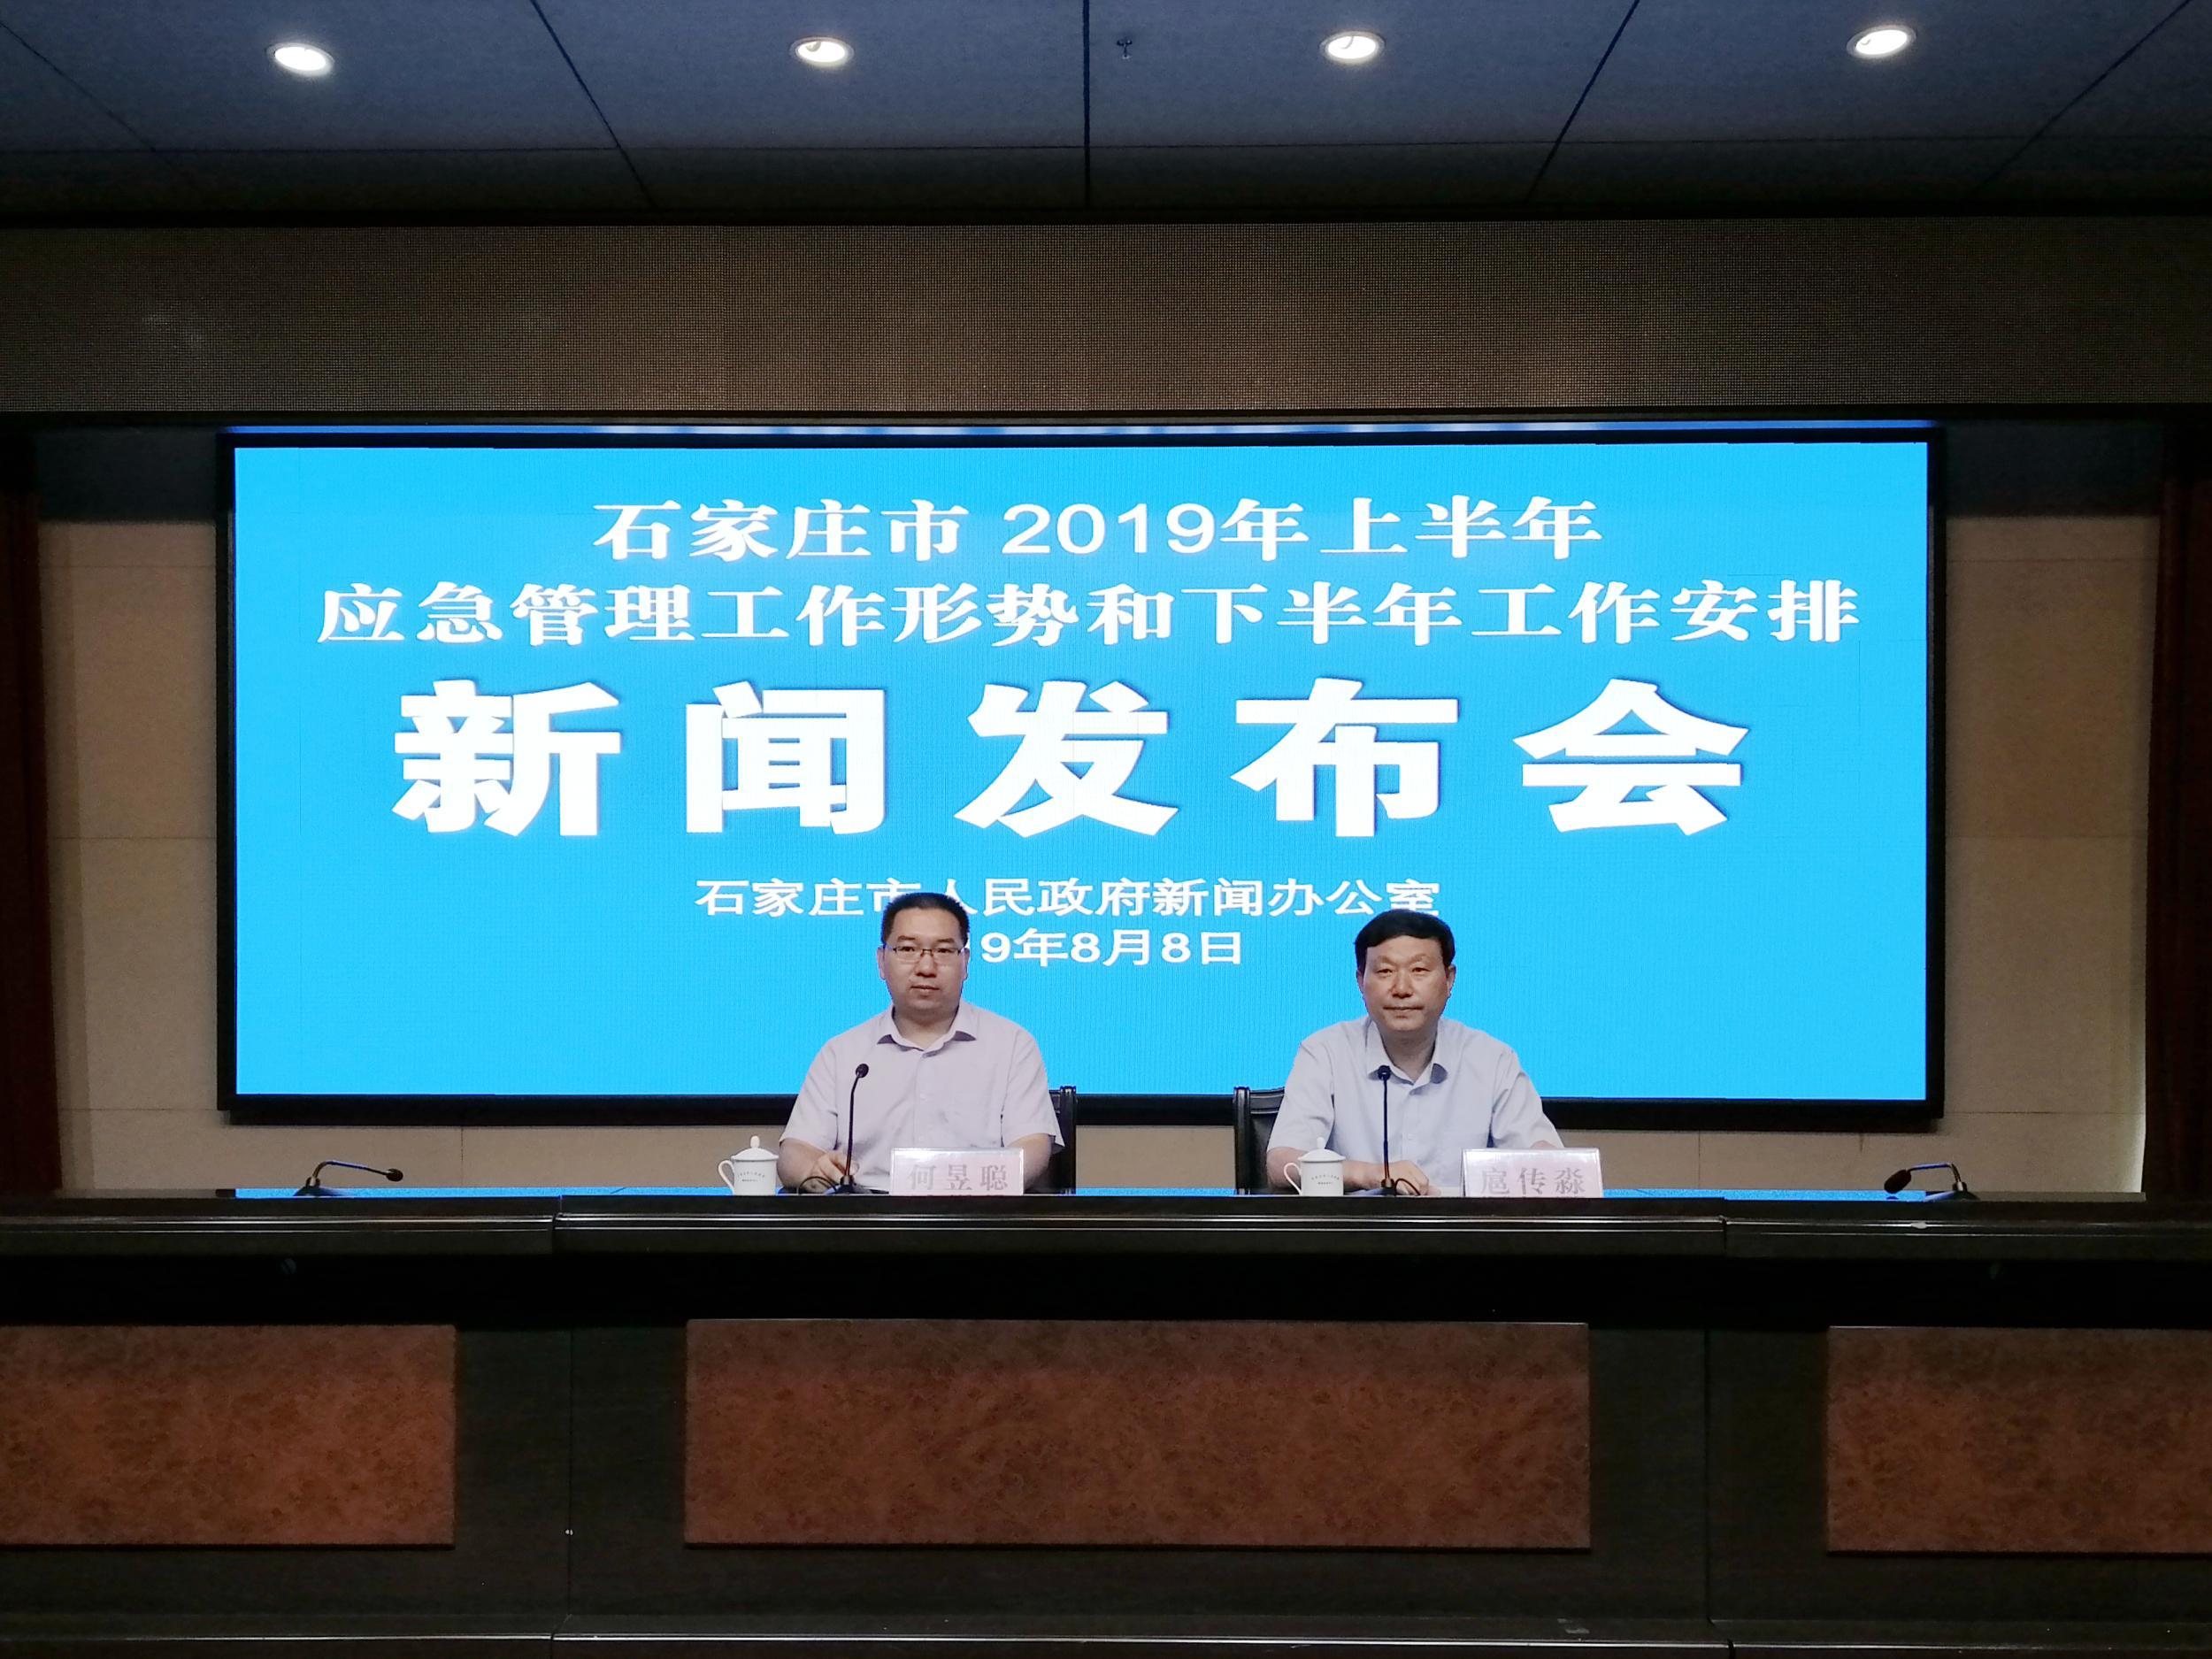 石家庄市2019年上半年应急管理工作形势新闻发布会文字实录